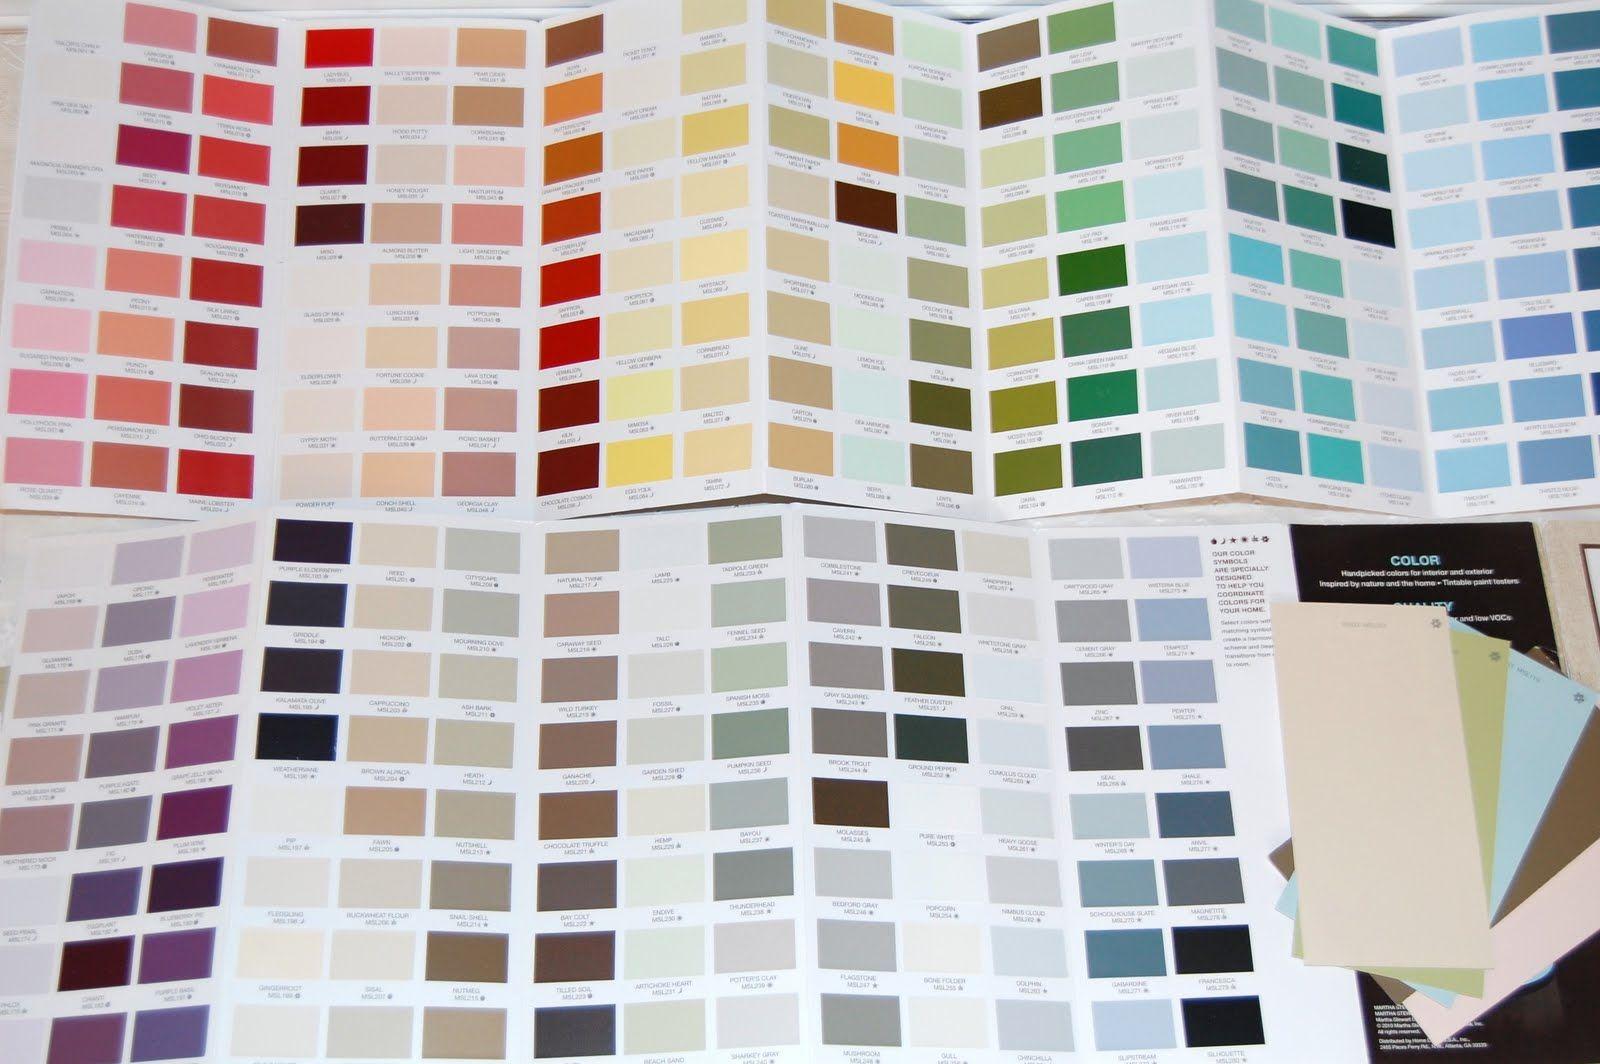 Home depot paint colors chart - Home depot exterior paint color chart ...